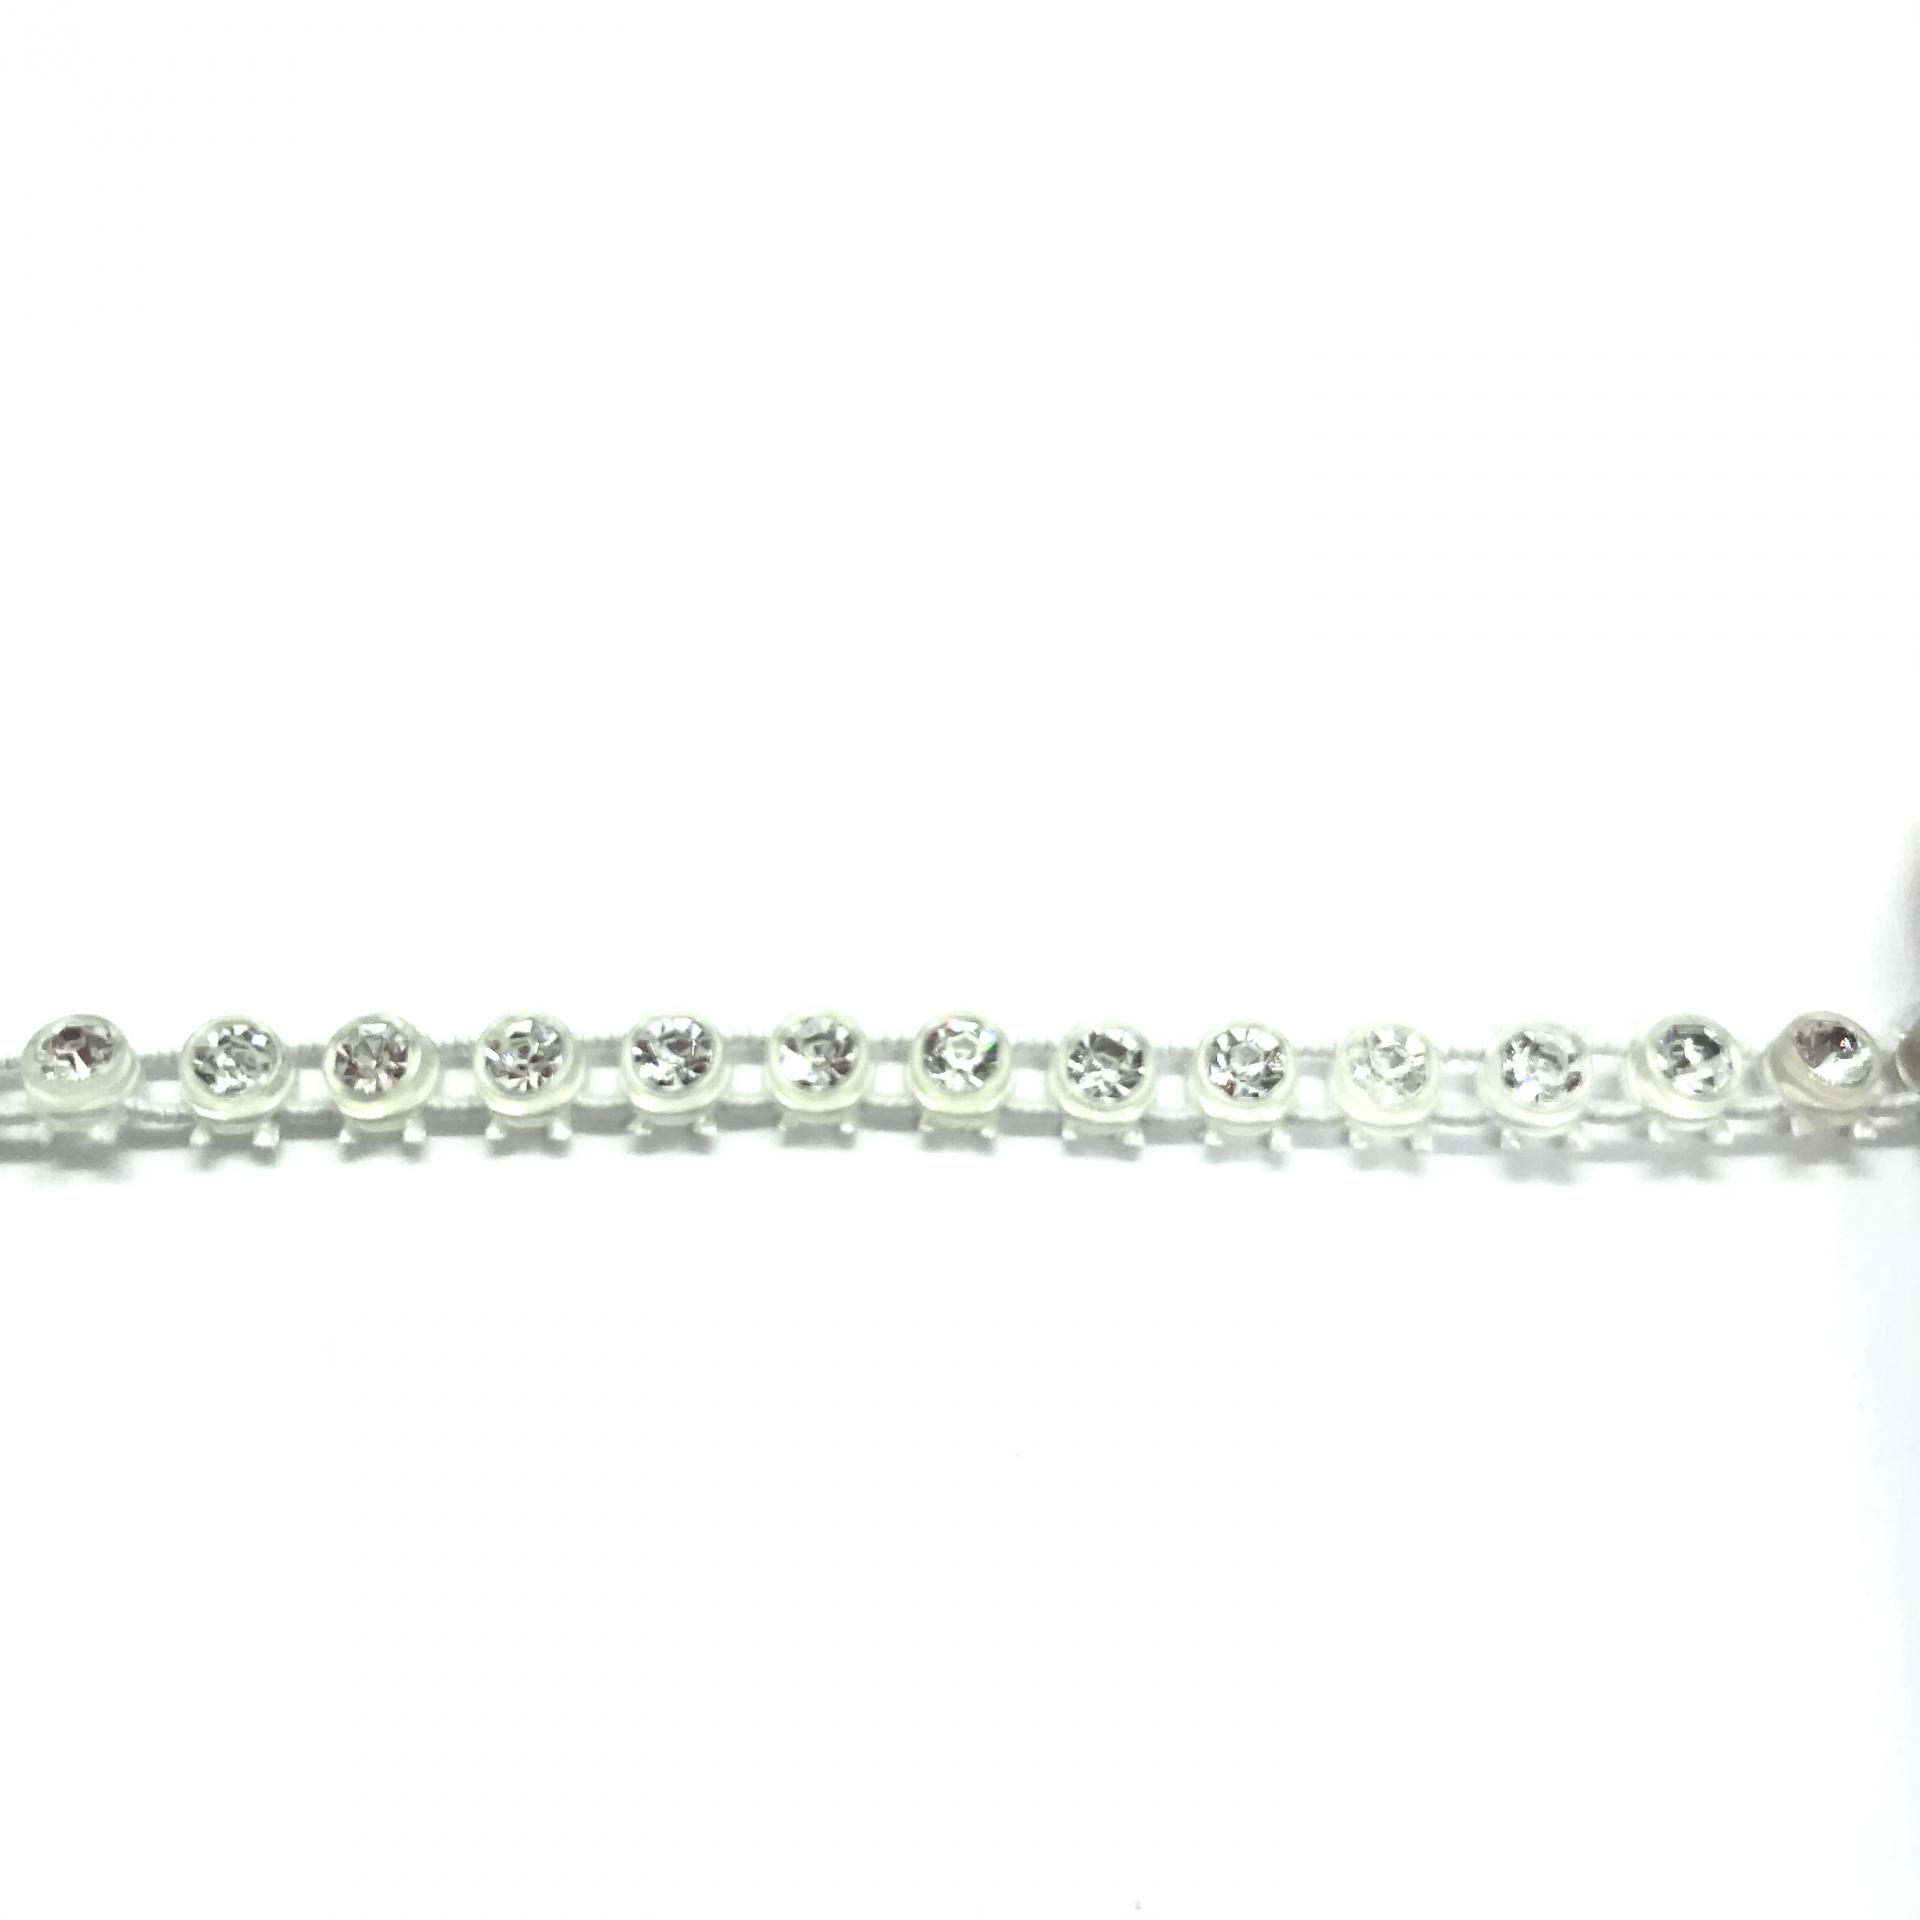 Galon de strass elastique a coudre cristal base plastique translucide 3mm